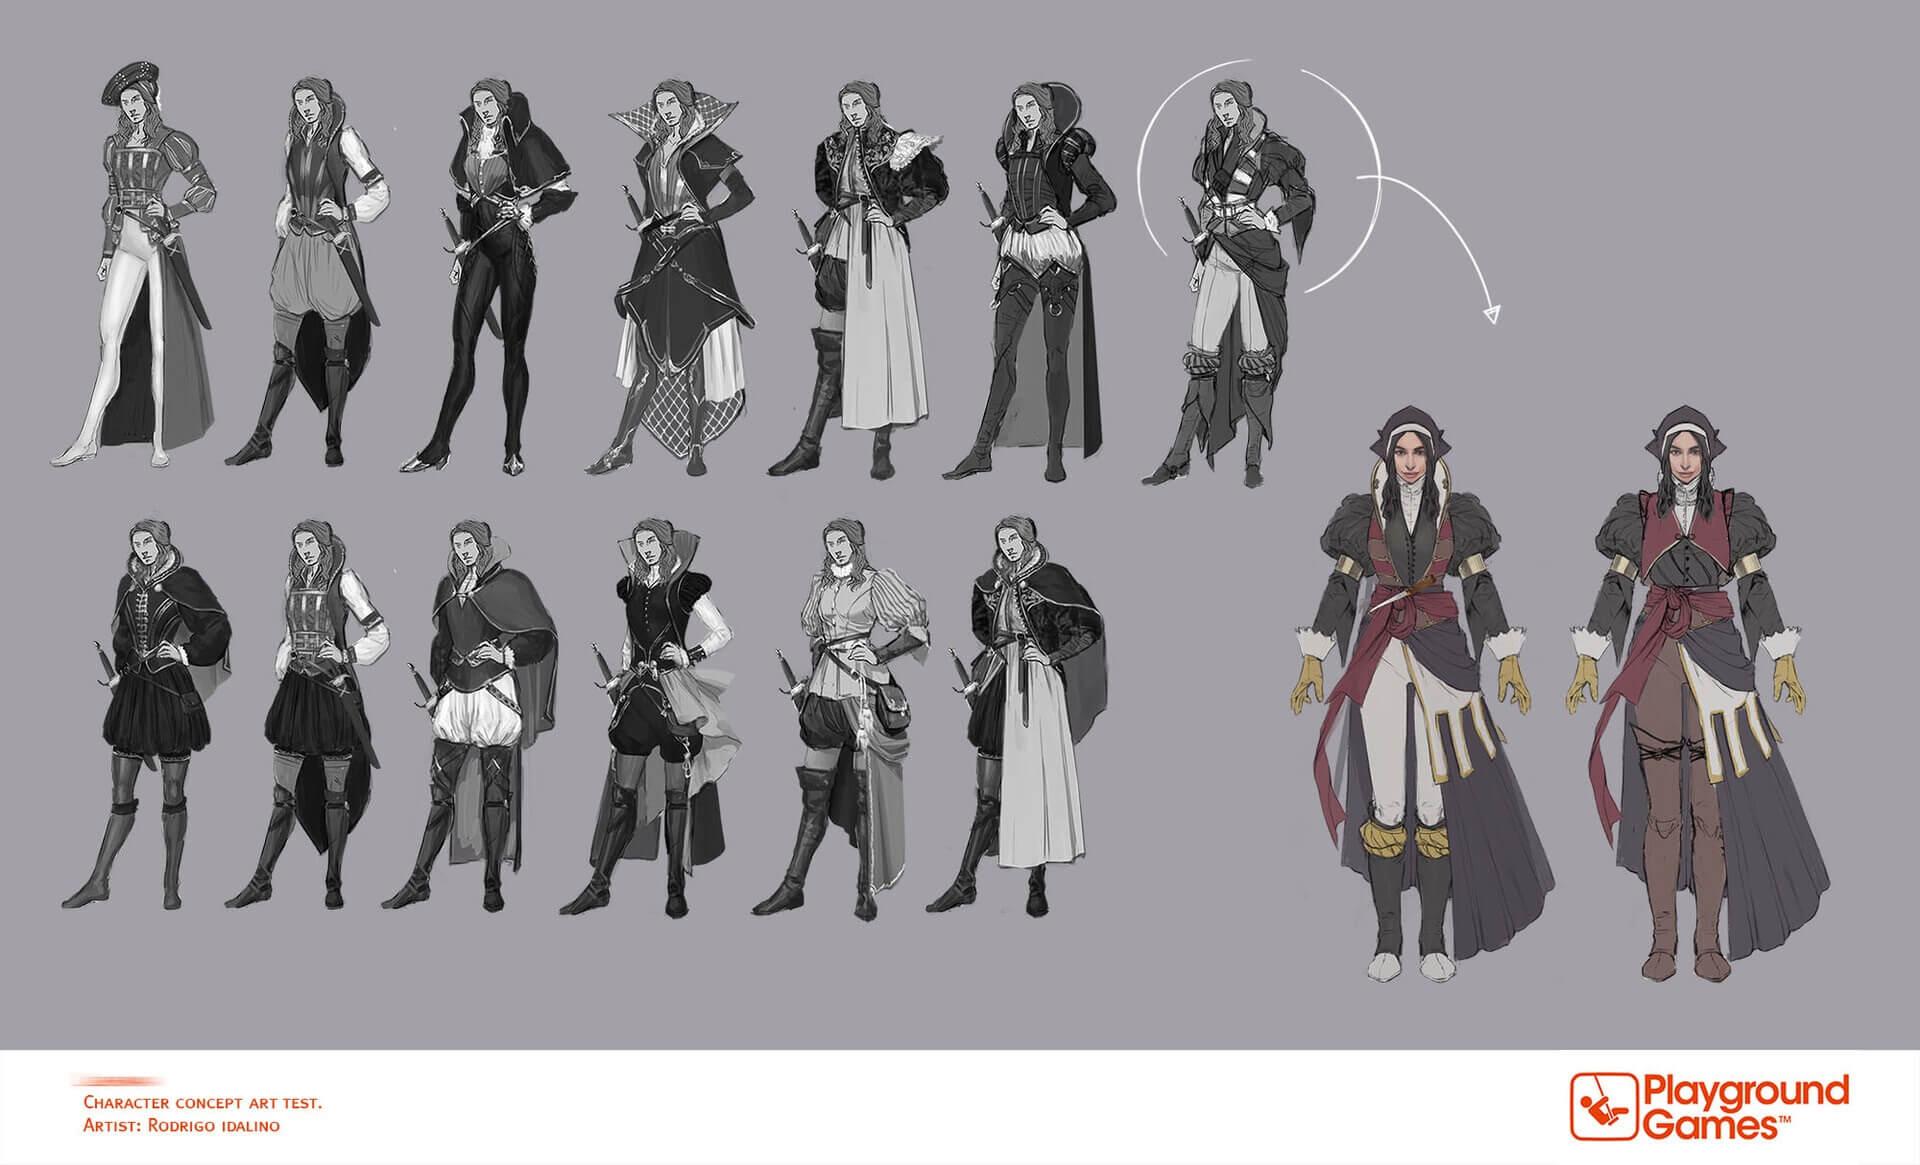 [Φήμη] Αποκαλύφθηκε Concept Art από το επερχόμενο RPG της Playground Games